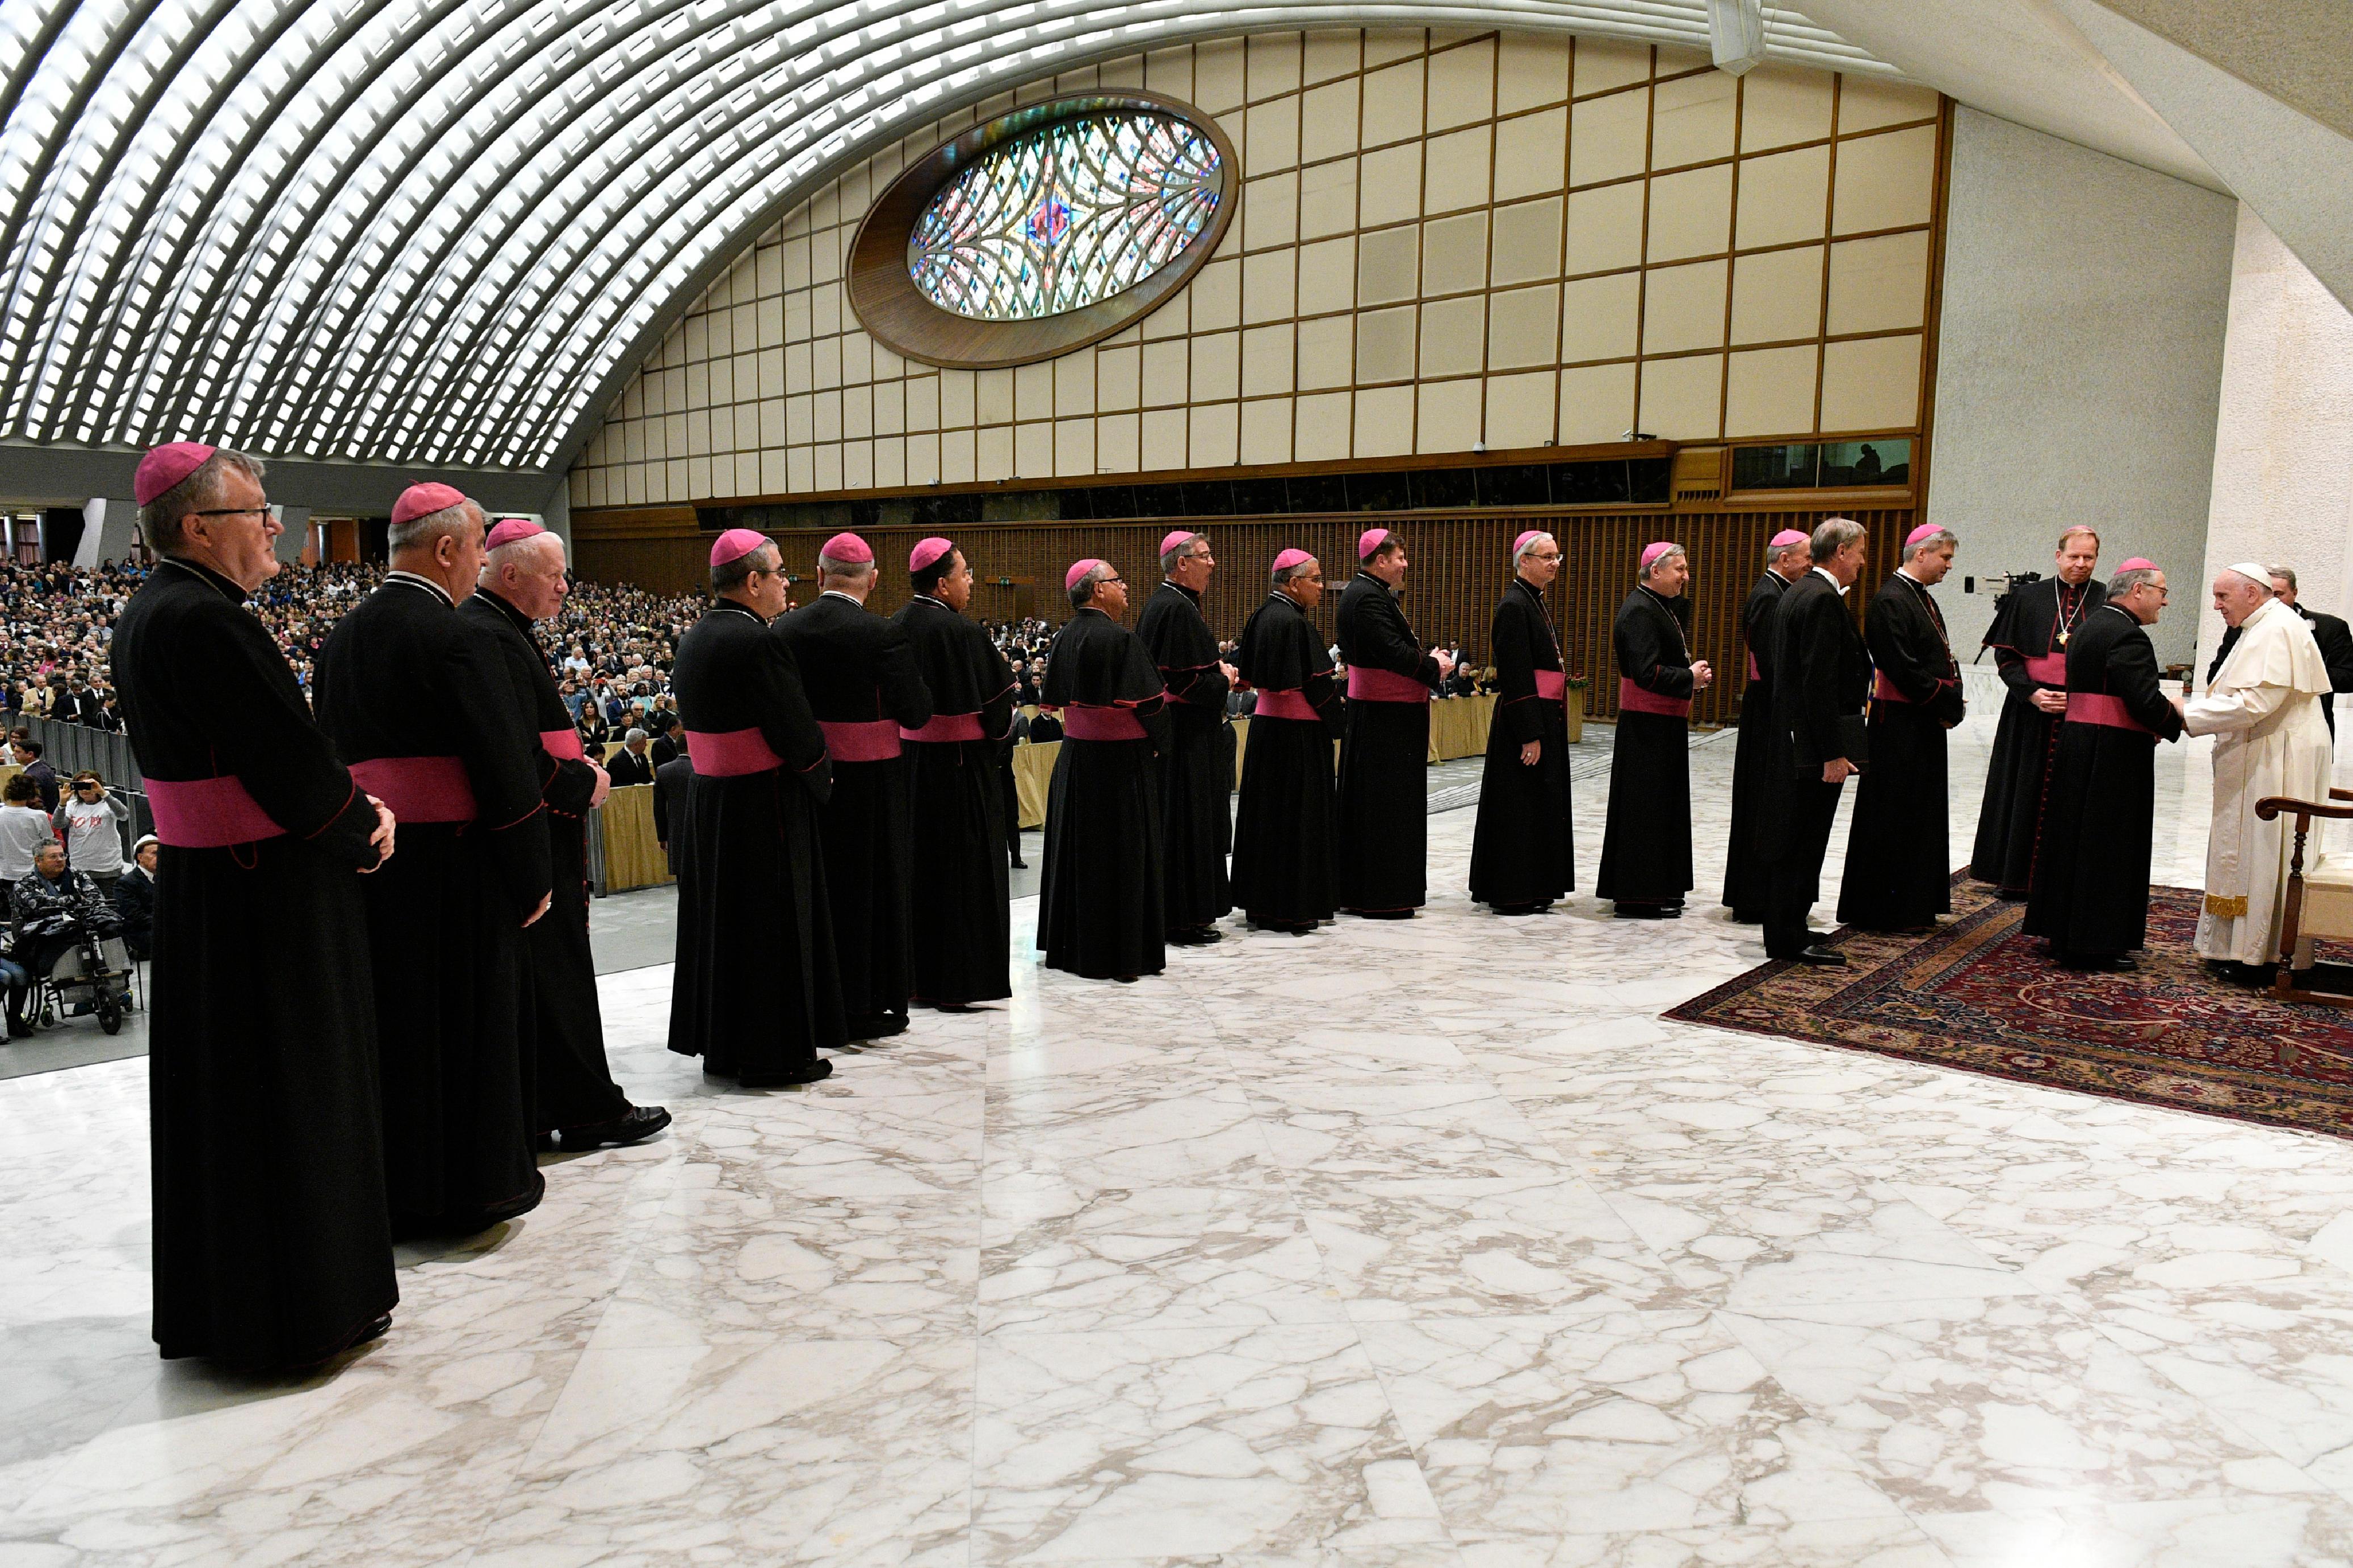 Obispos en cola para saludar al Papa en la audiencia general © Vatican Media